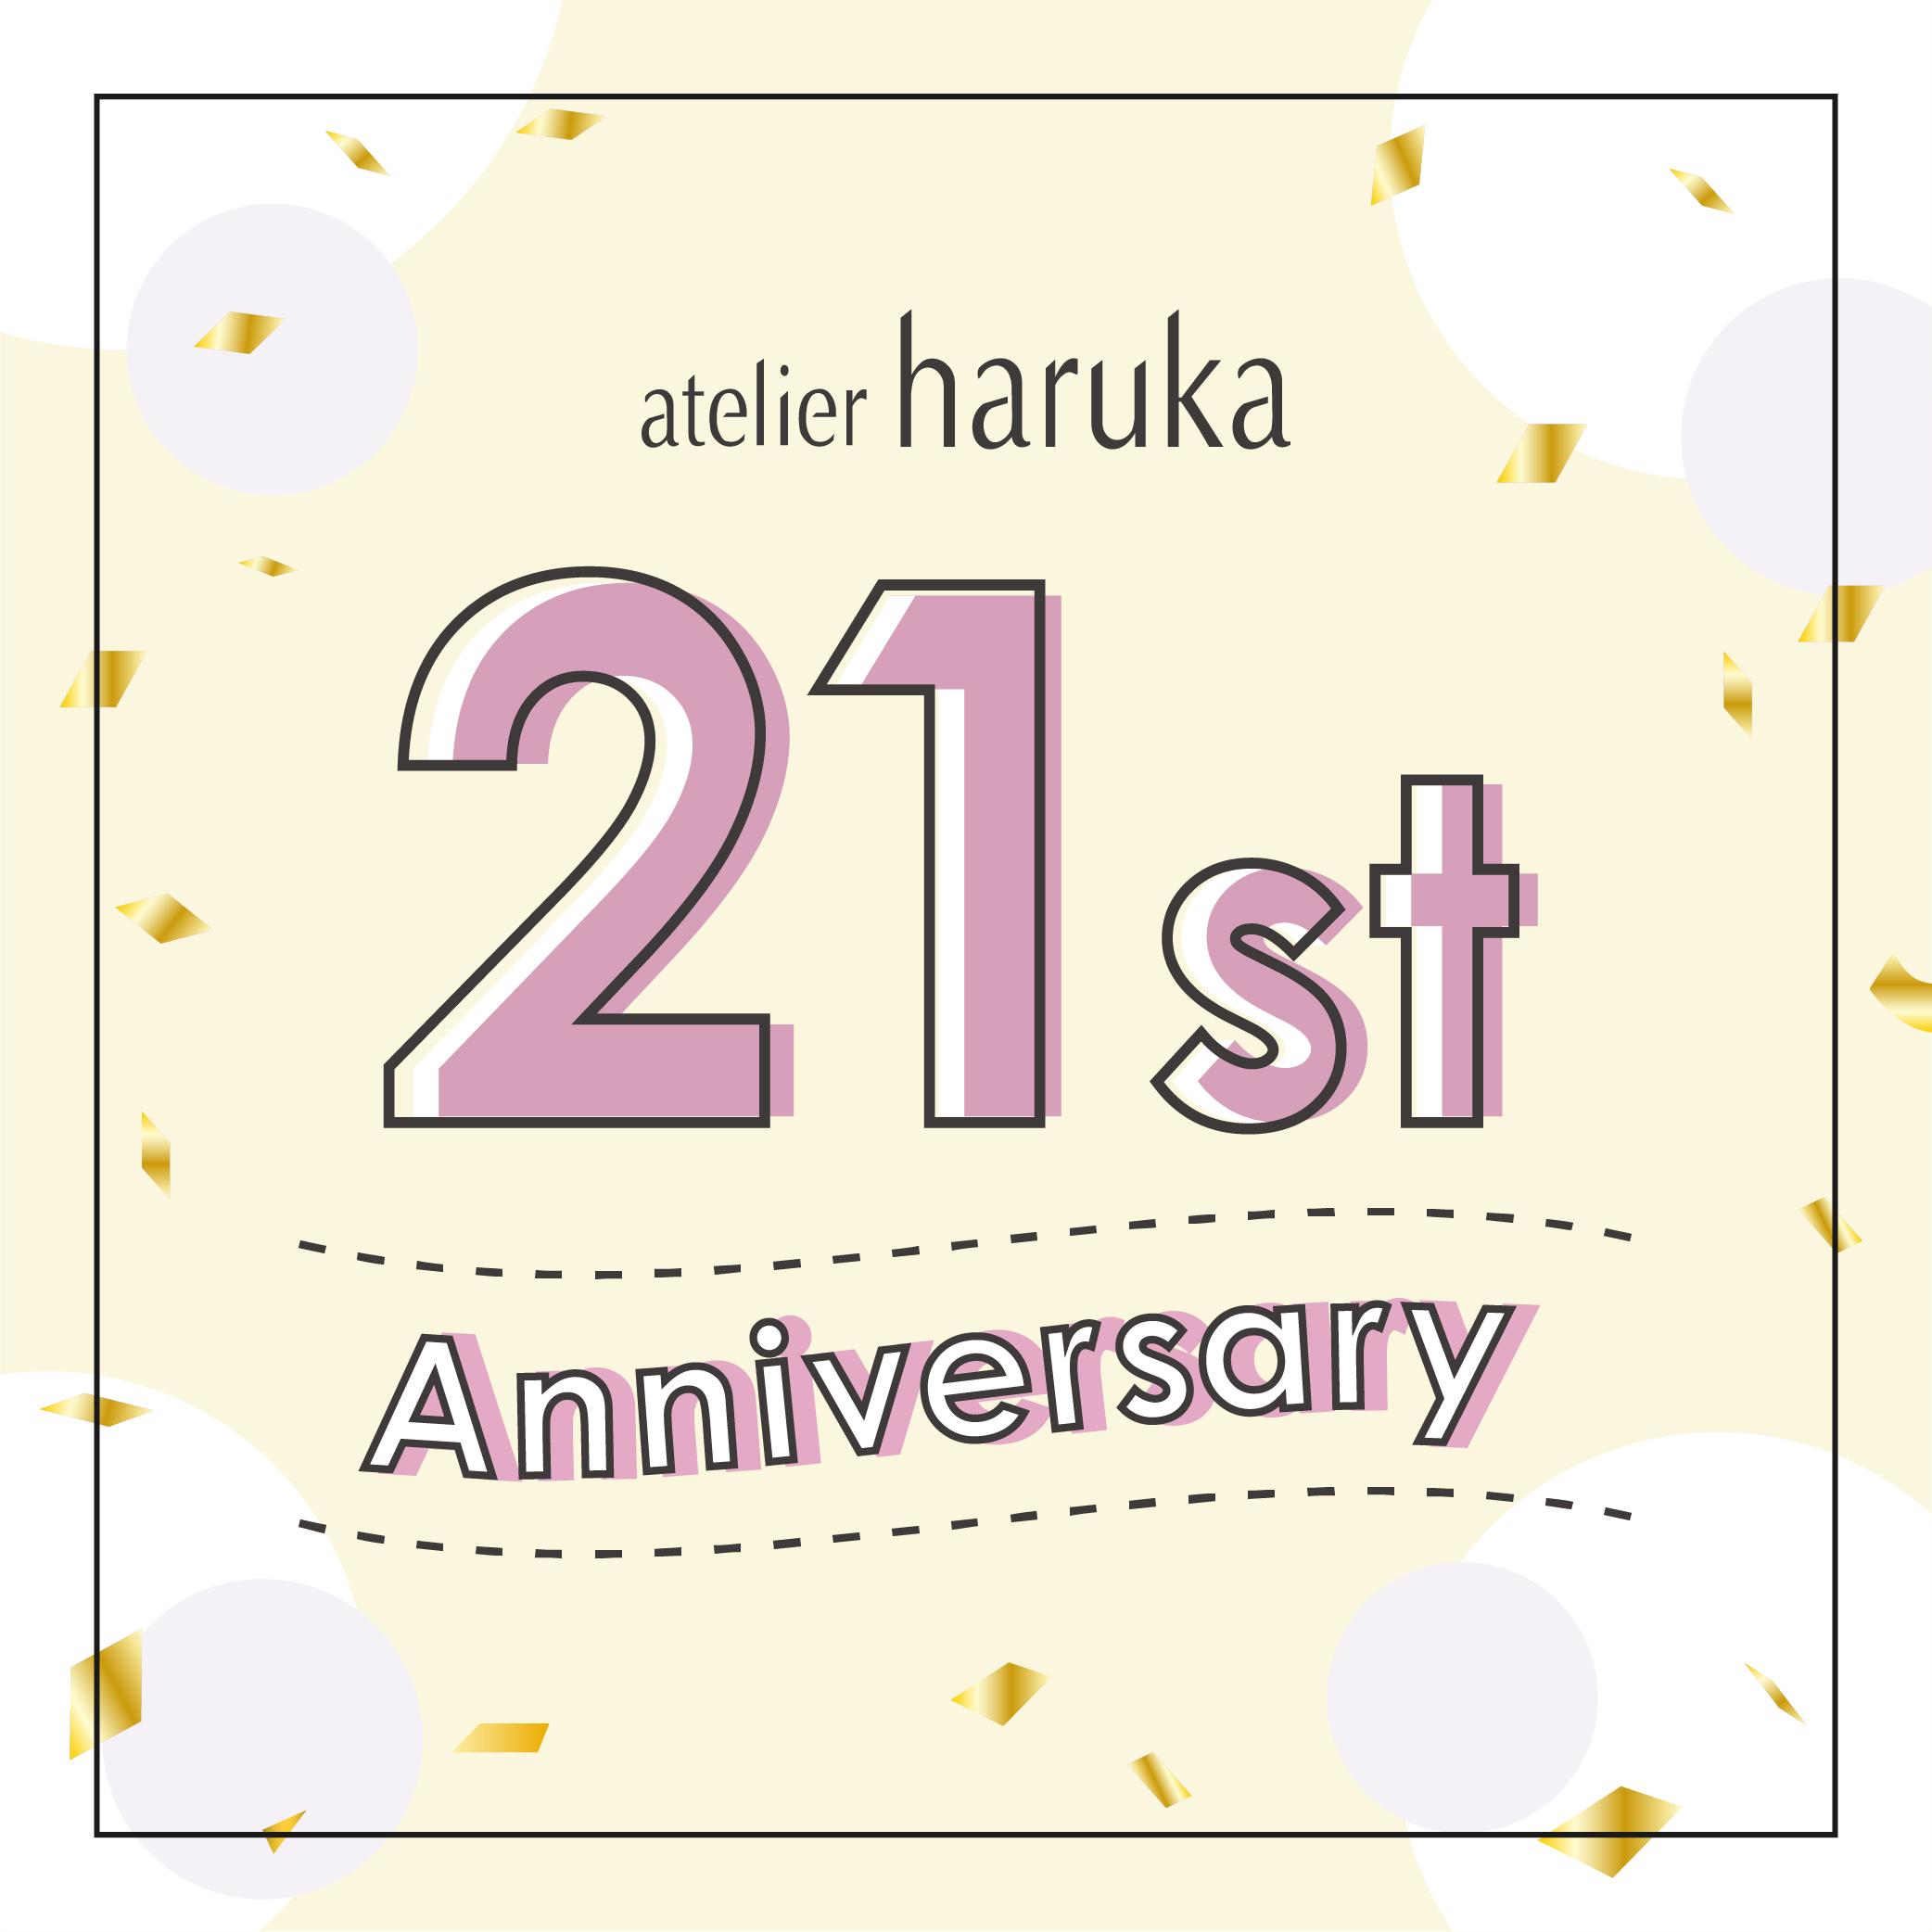 【特別企画】アトリエはるか ~21st Anniversary~